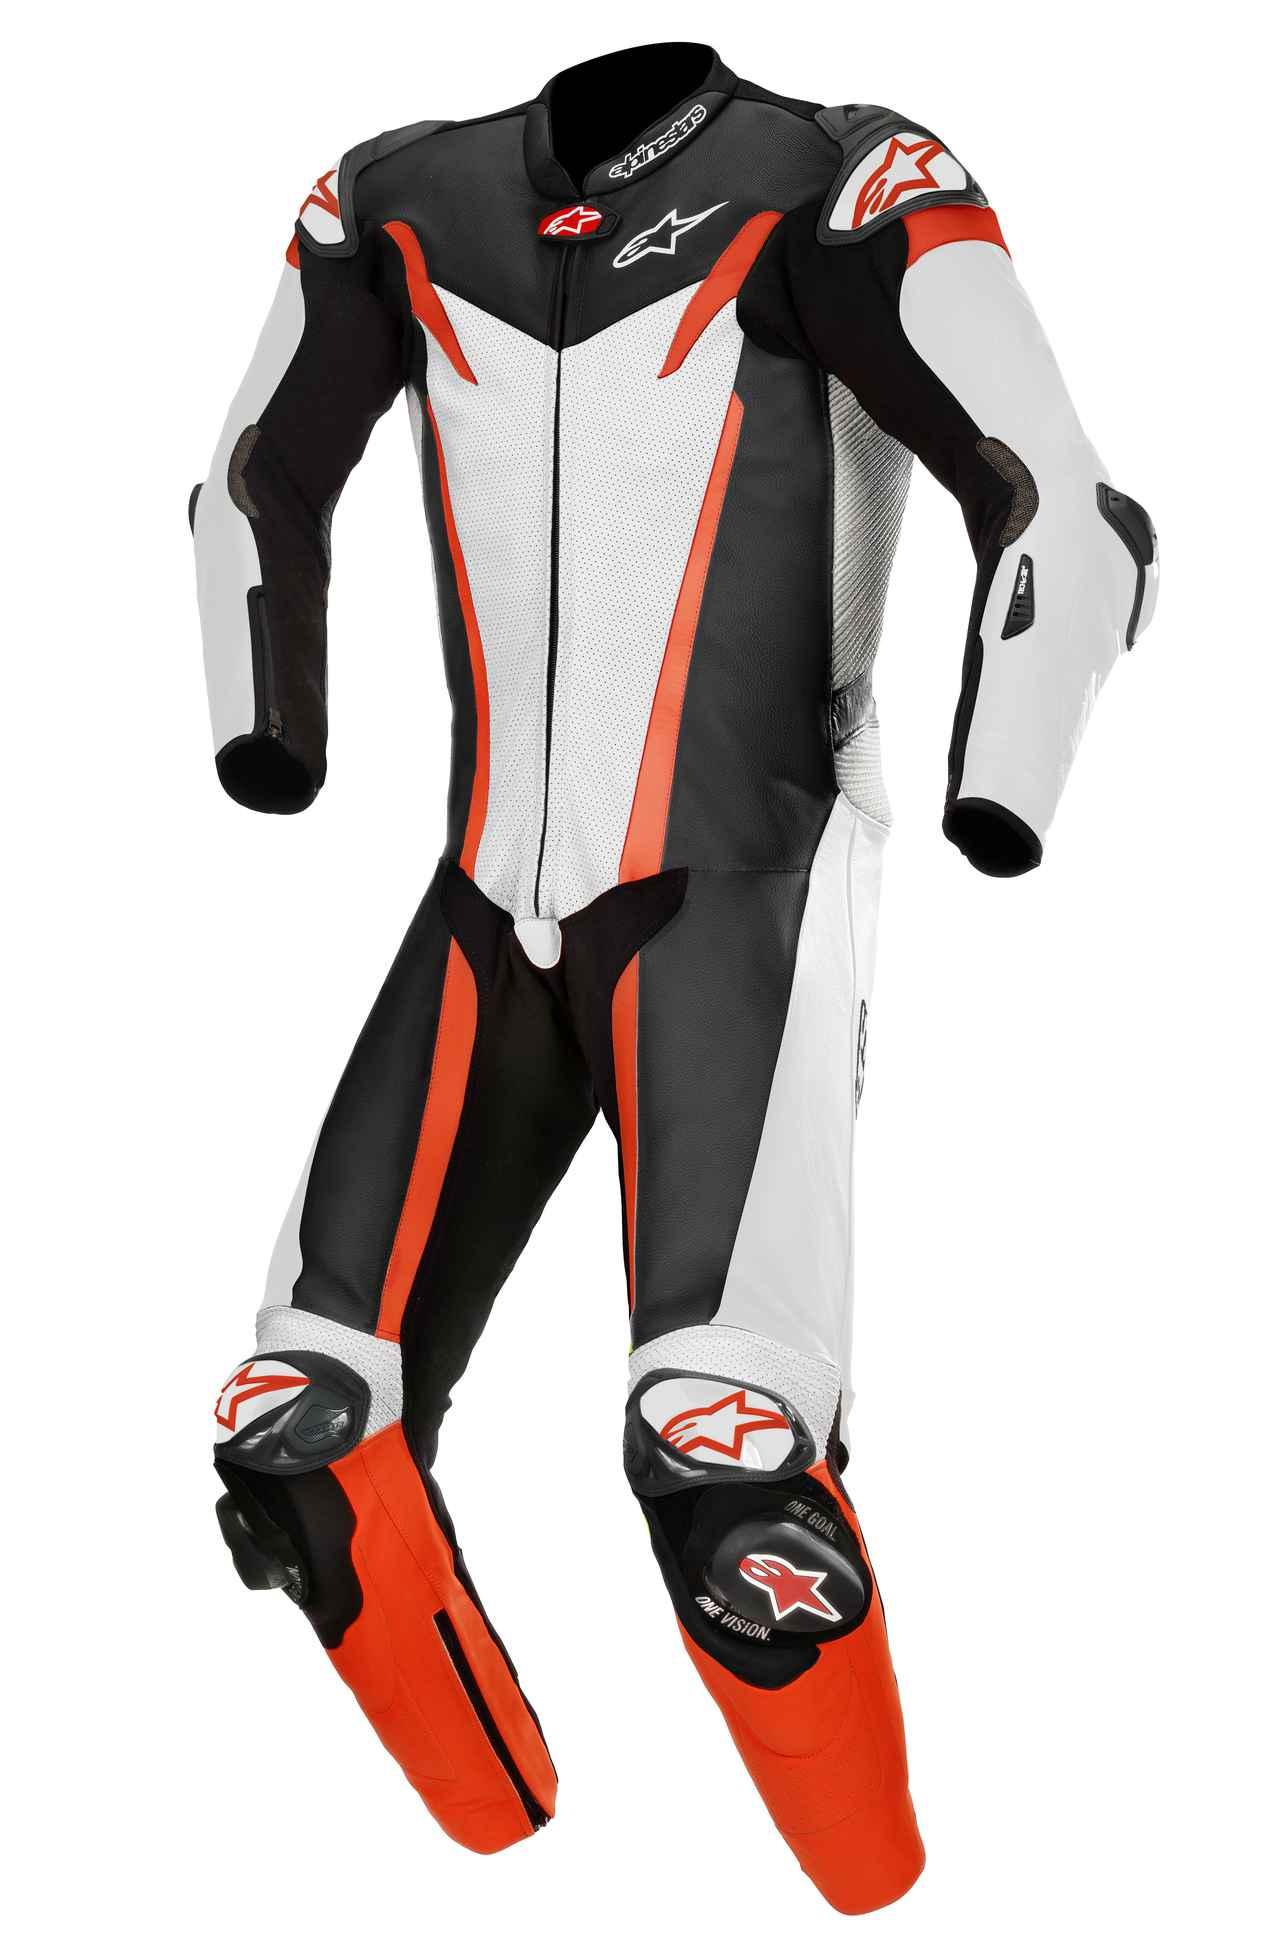 画像6: アルパインスターズから〈TECH-AIR〉エアバッグ対応ハイエンドレーシングレザースーツが新登場